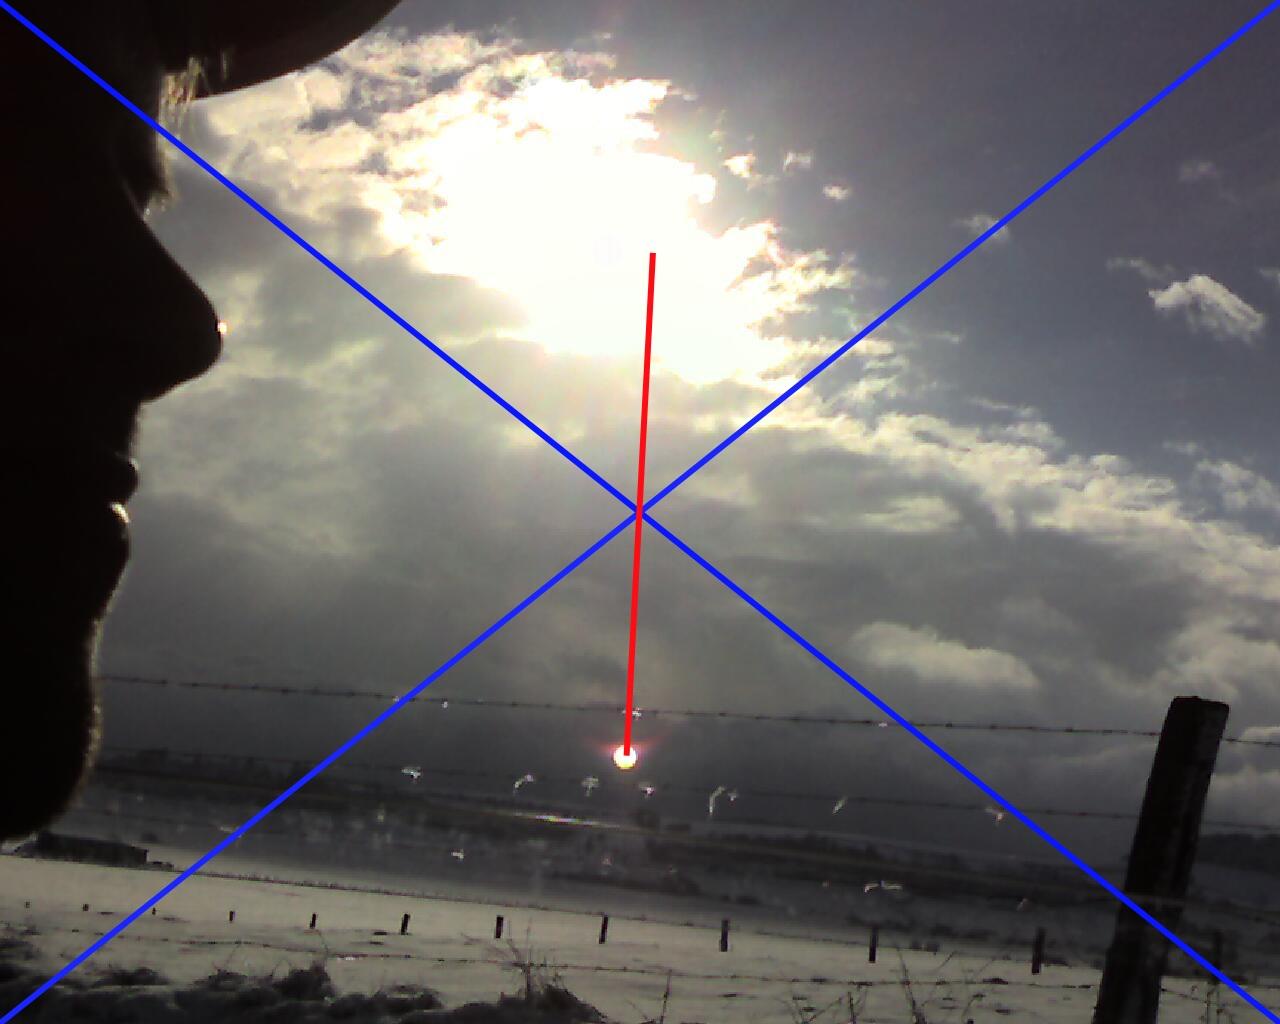 2010: le 17/12 à 13h - observation d'une boule de feu - Meuse  - Page 4 Num313h0417dec10flare